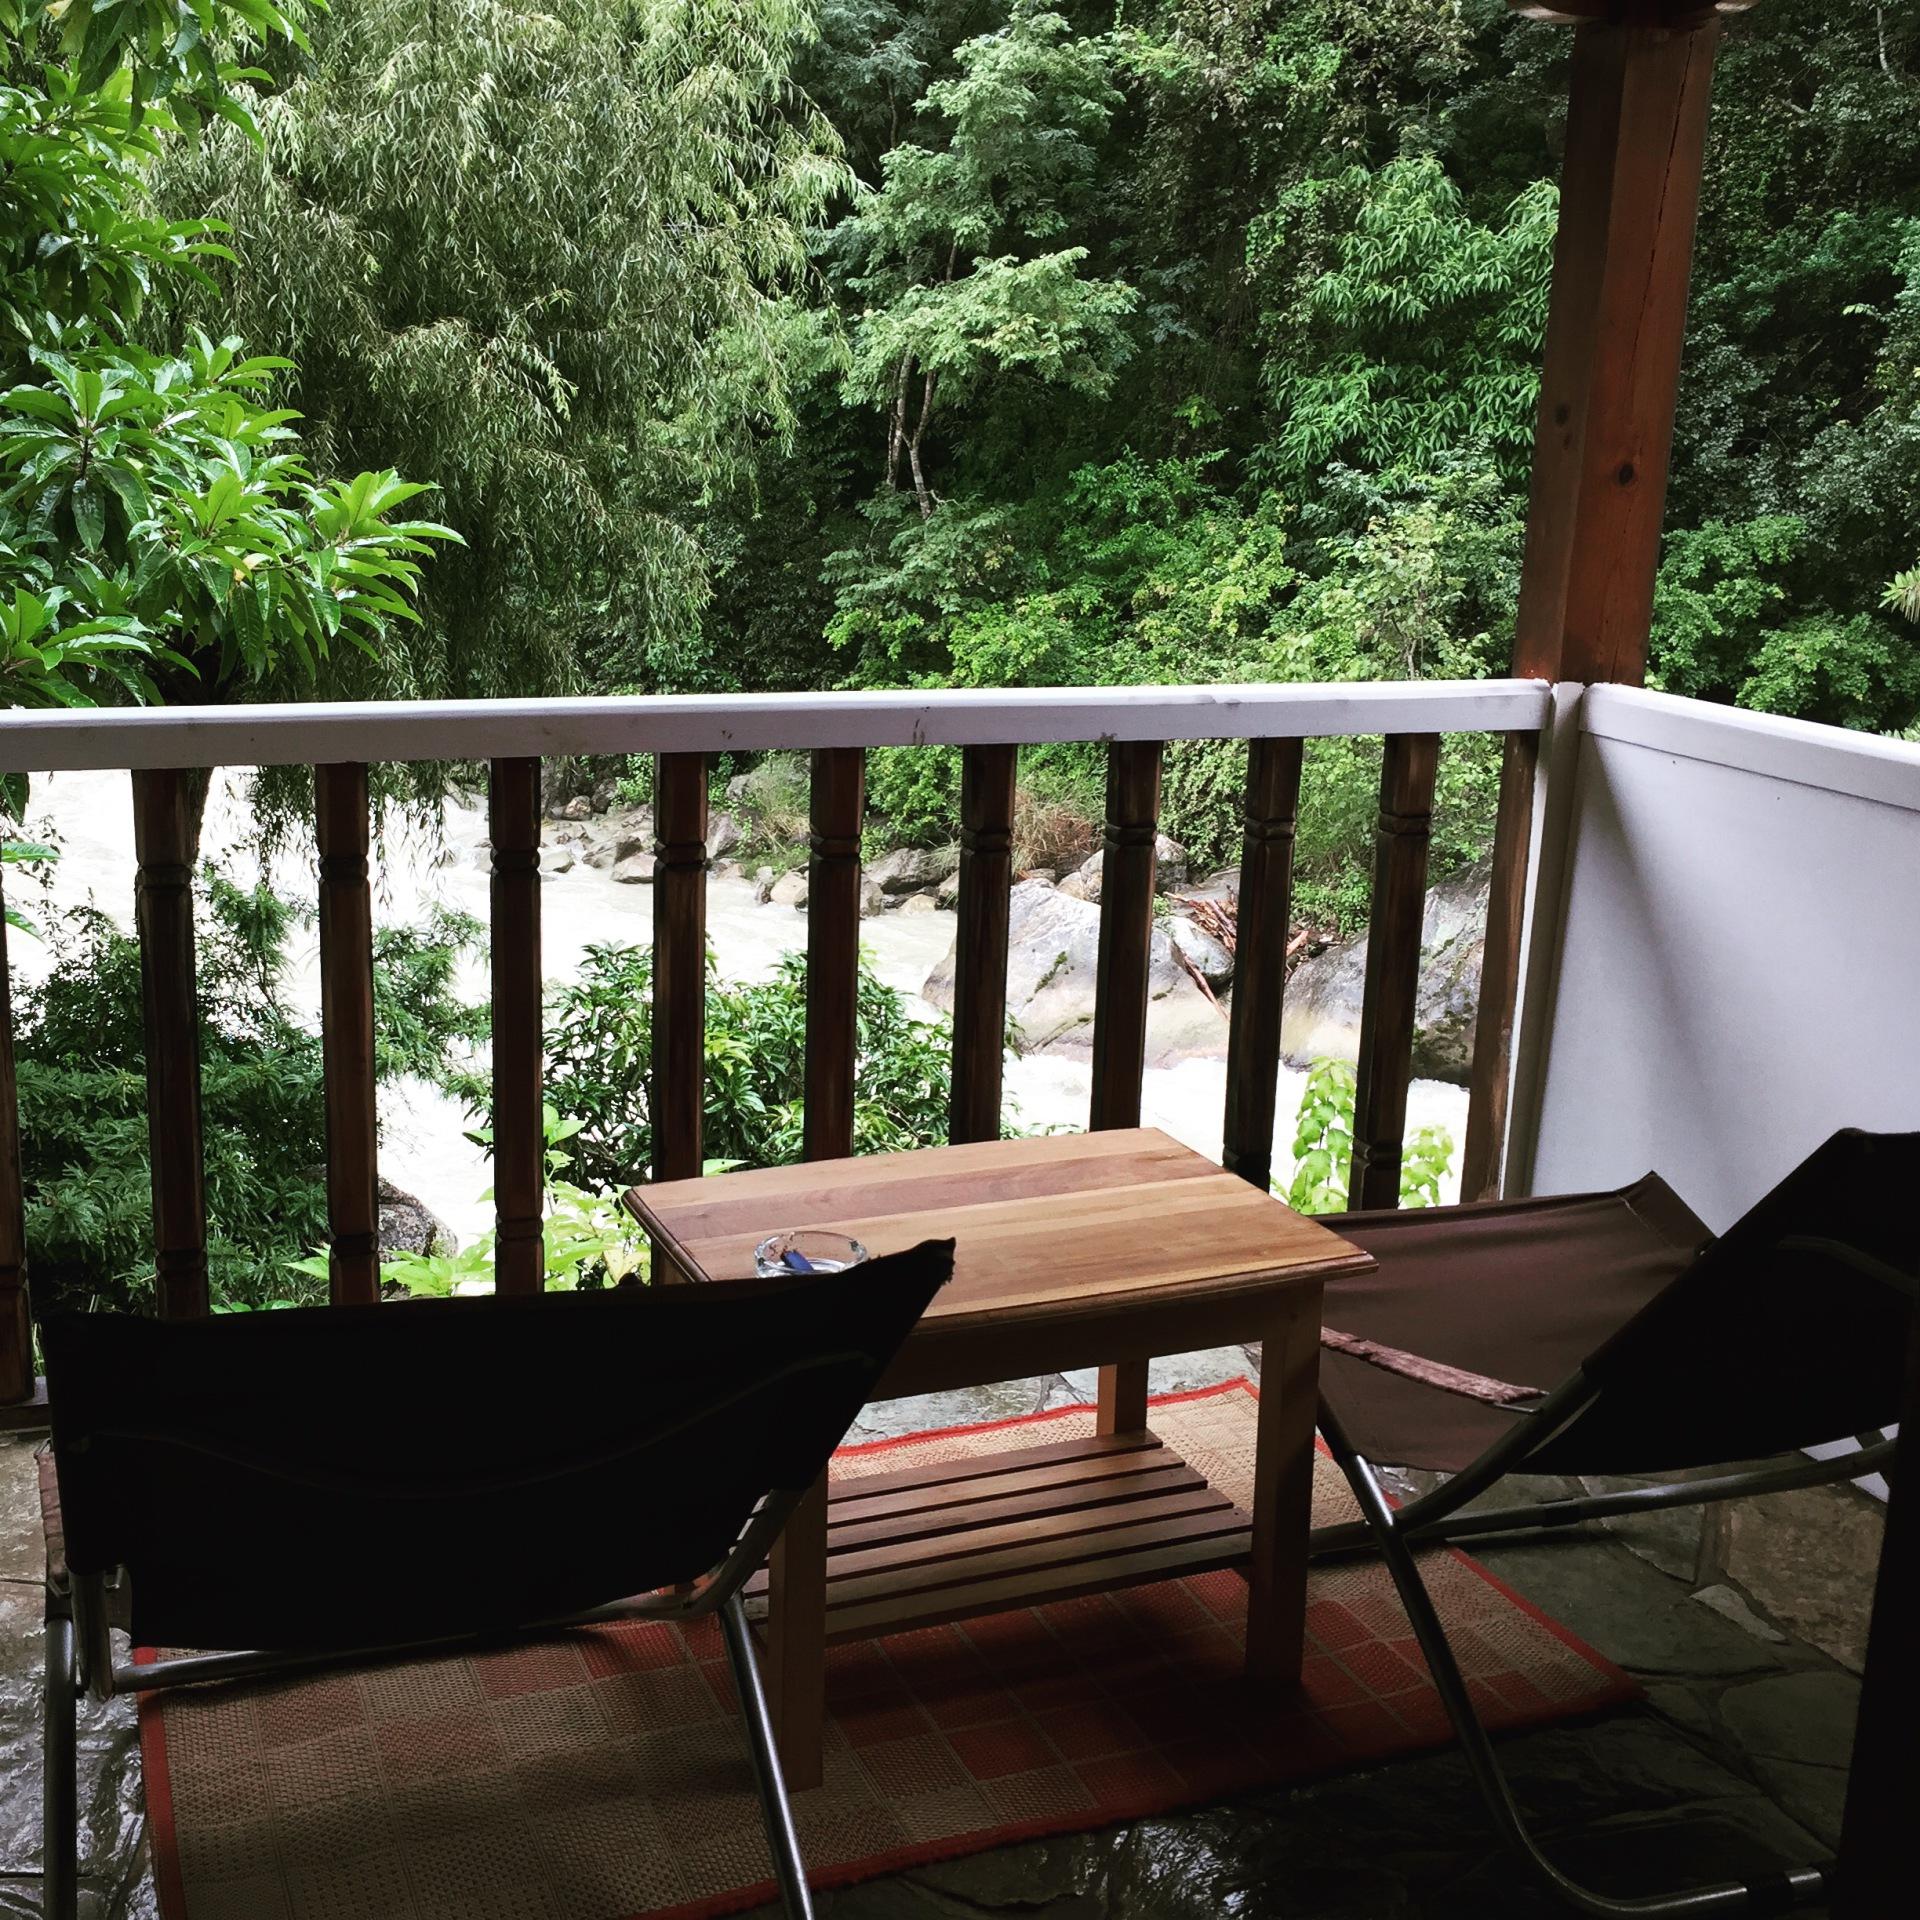 riverside resort, travel, vacation, nature, wangle, bhutan